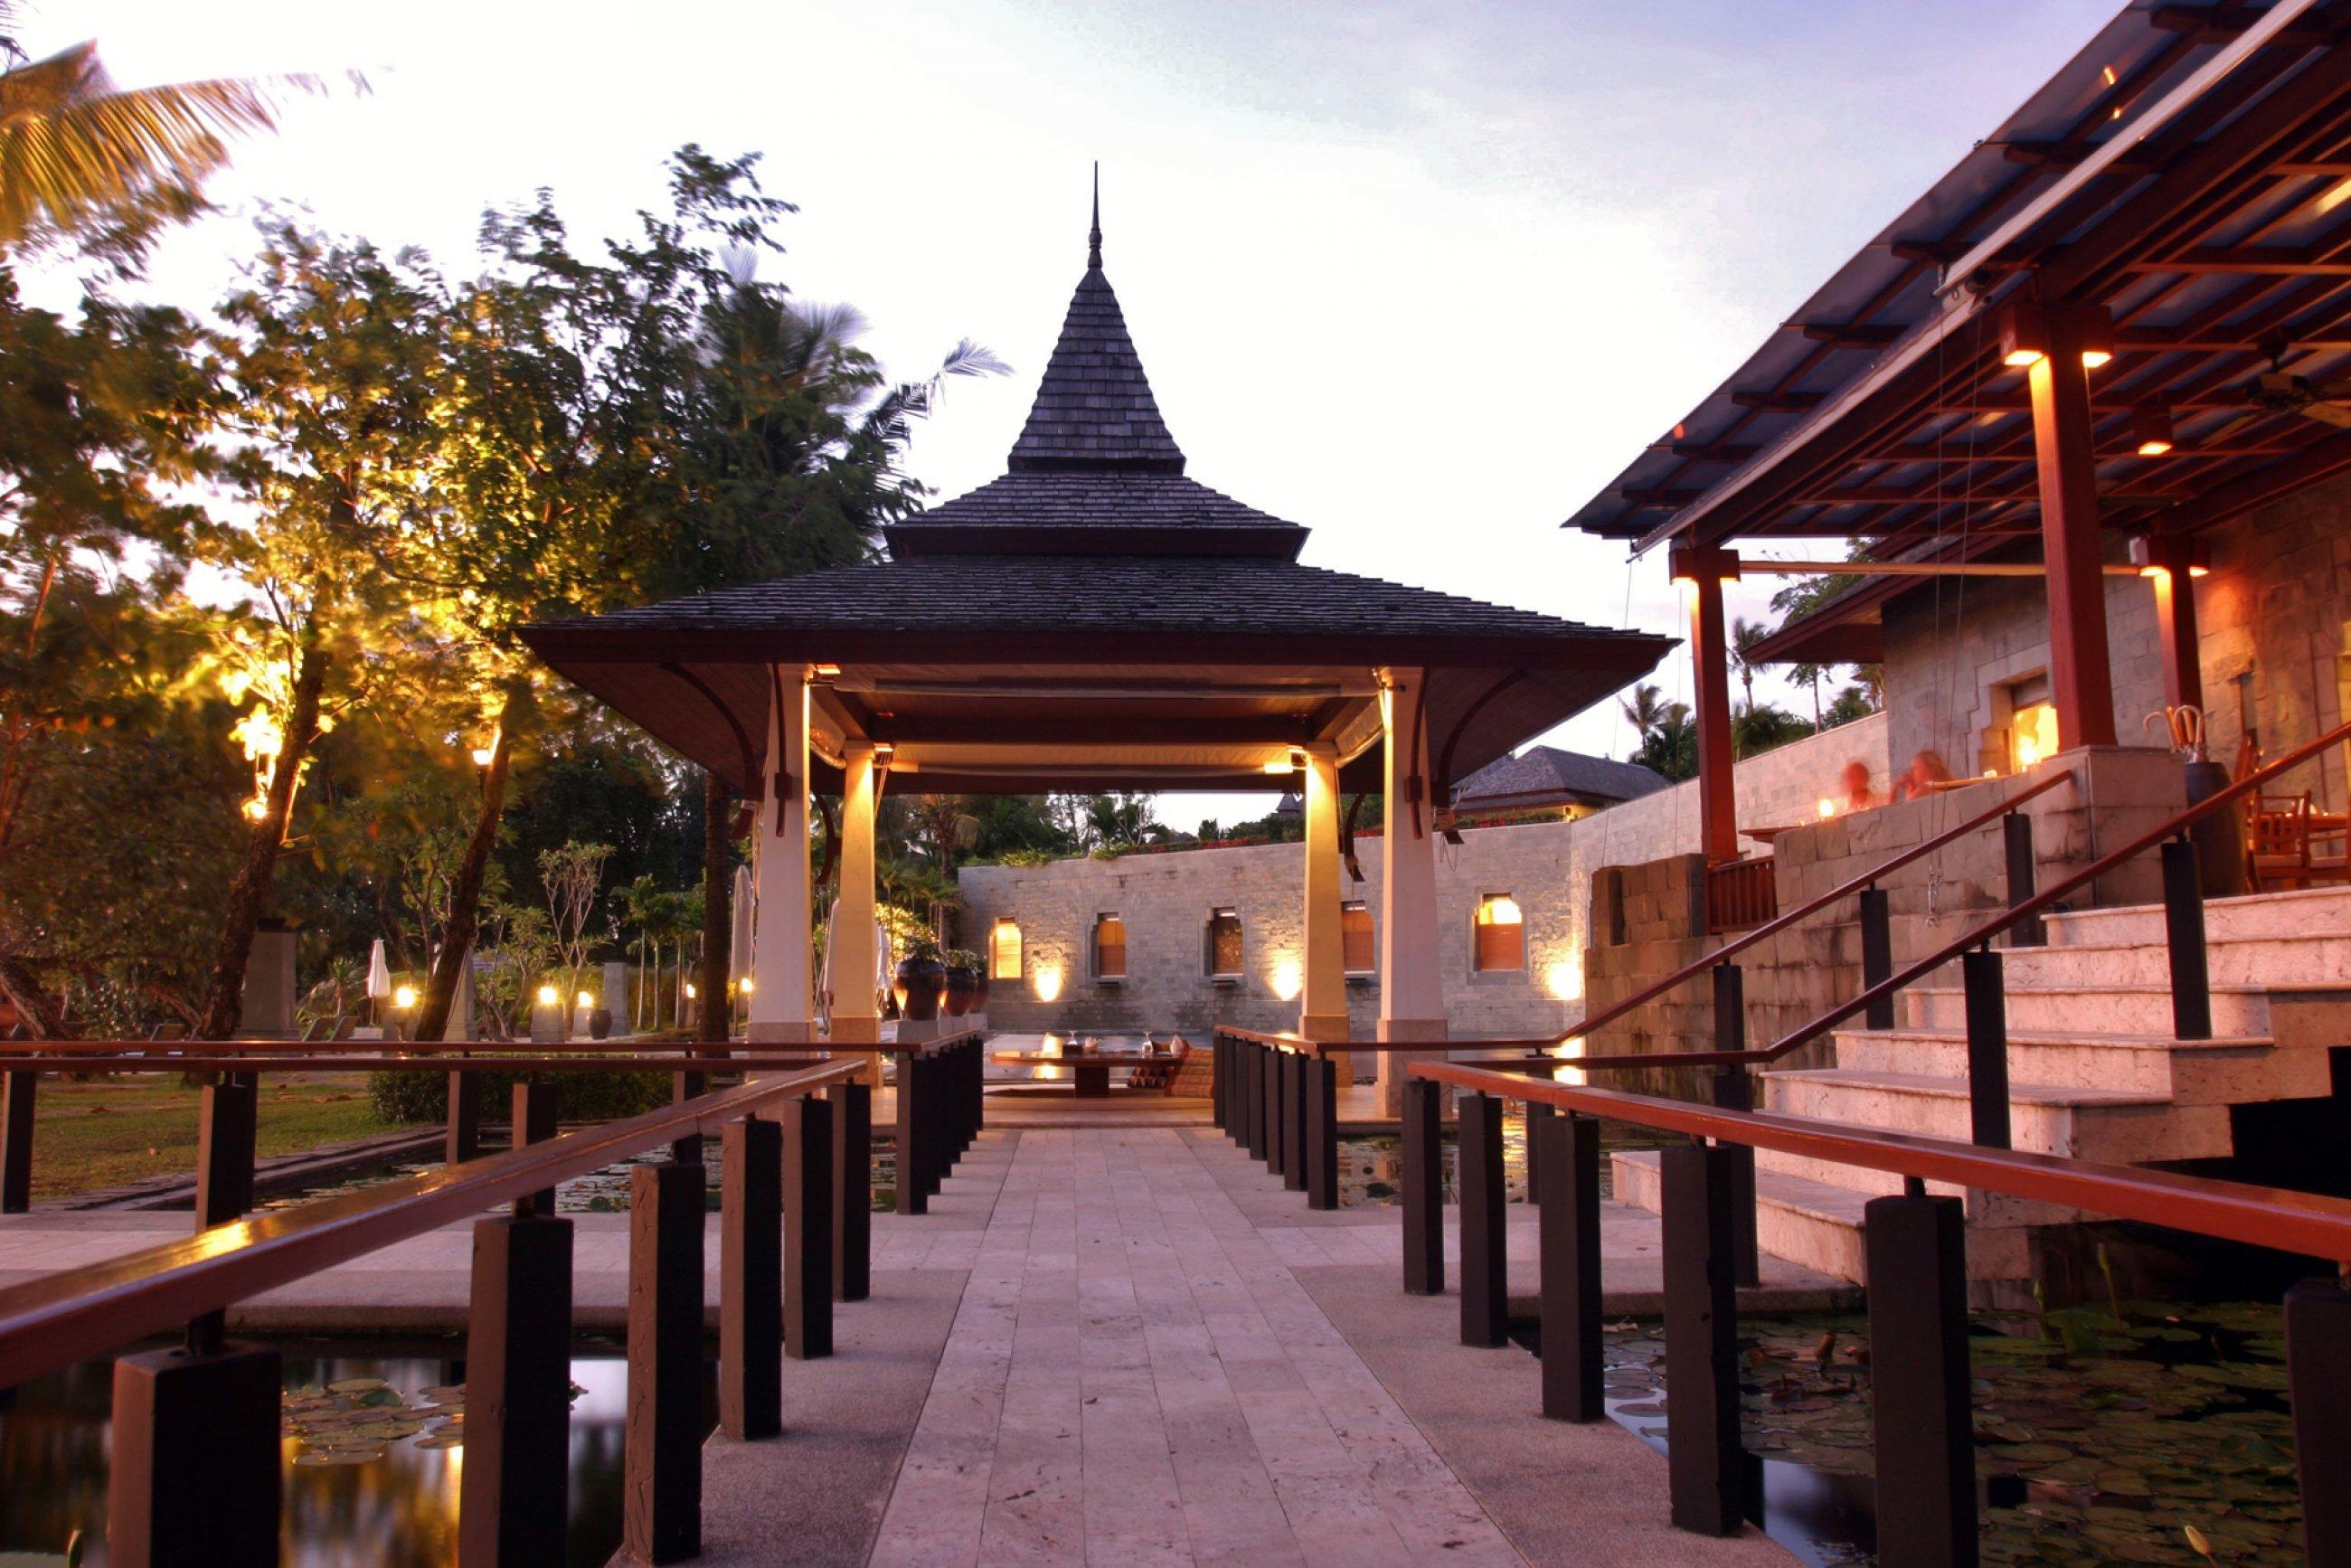 https://bubo.sk/uploads/galleries/5062/nakamanda-restaurant2.jpg